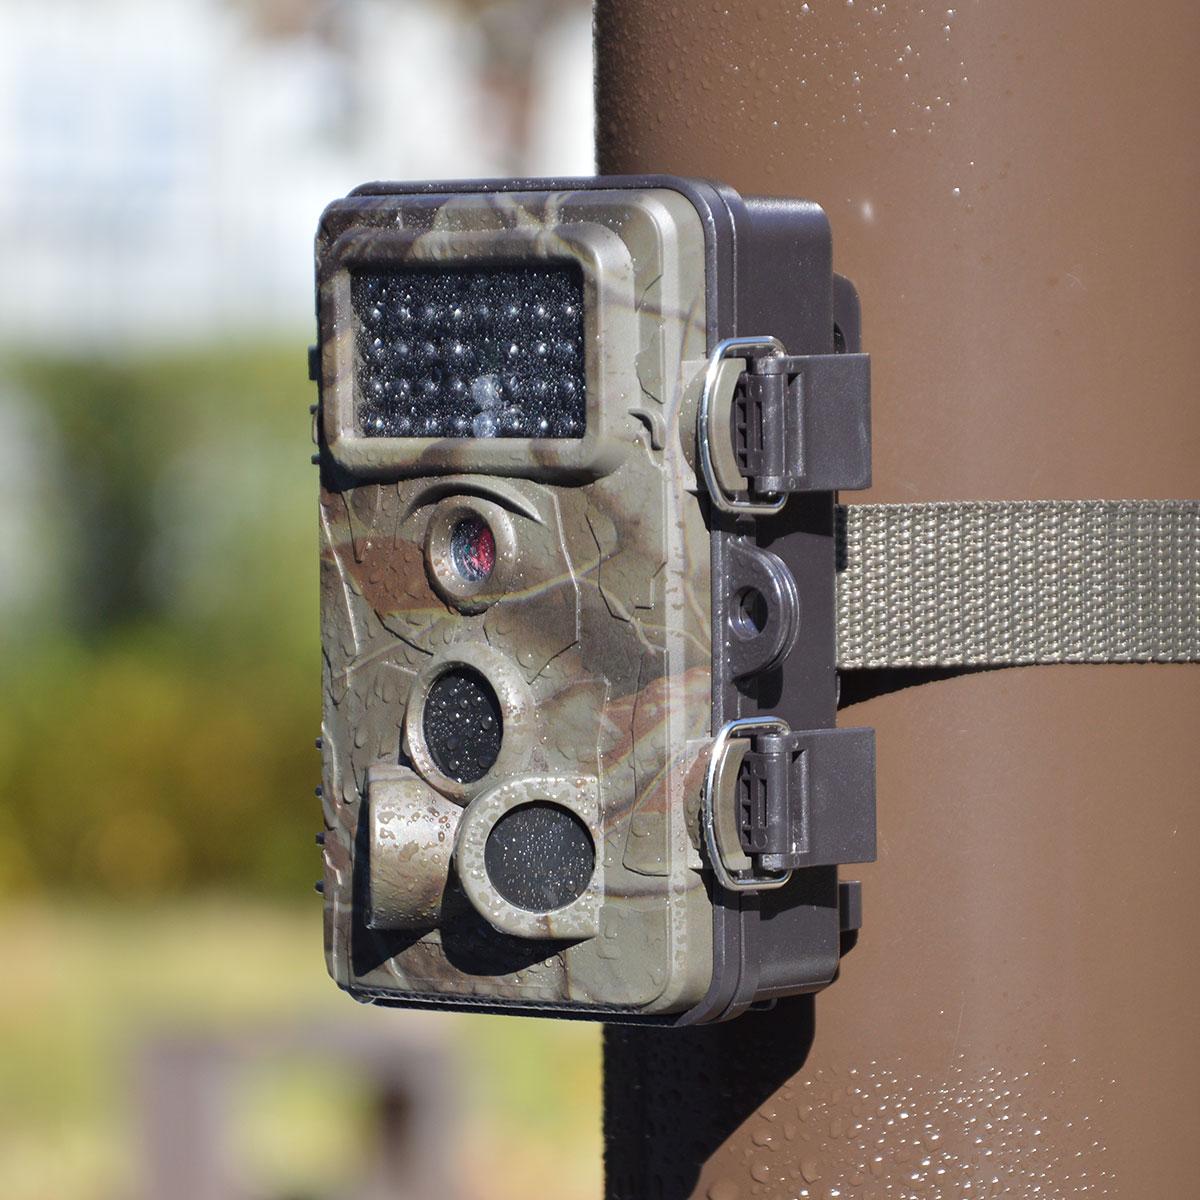 ループ録画対応!自動録画防犯カメラ RD1006AT AUTMTSEC